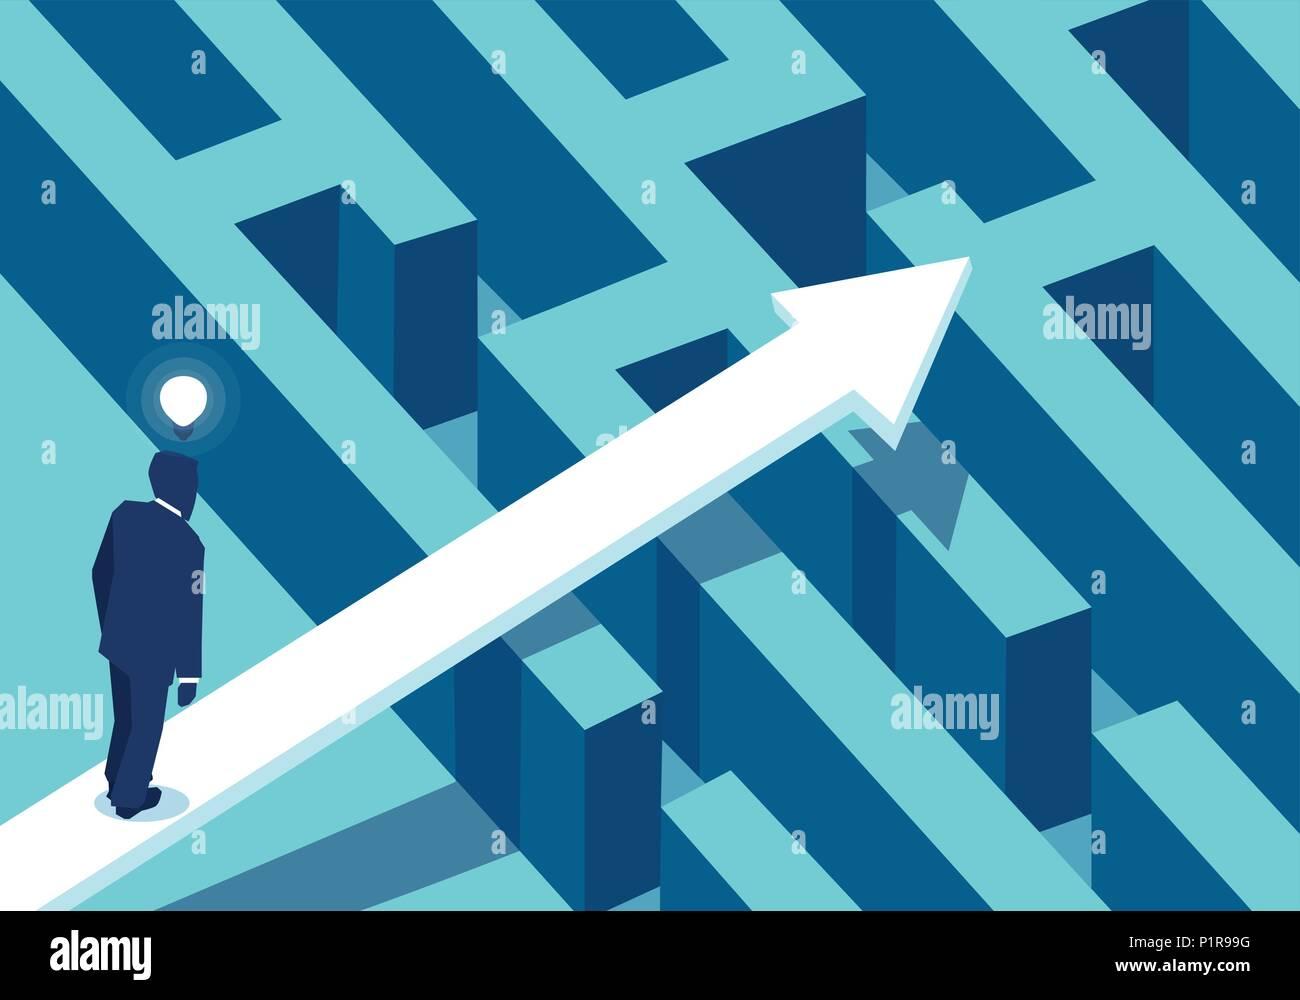 Illustrazione Vettoriale di imprenditore stupito in piedi vicino a labirinto seguendo la freccia per il successo. Immagini Stock